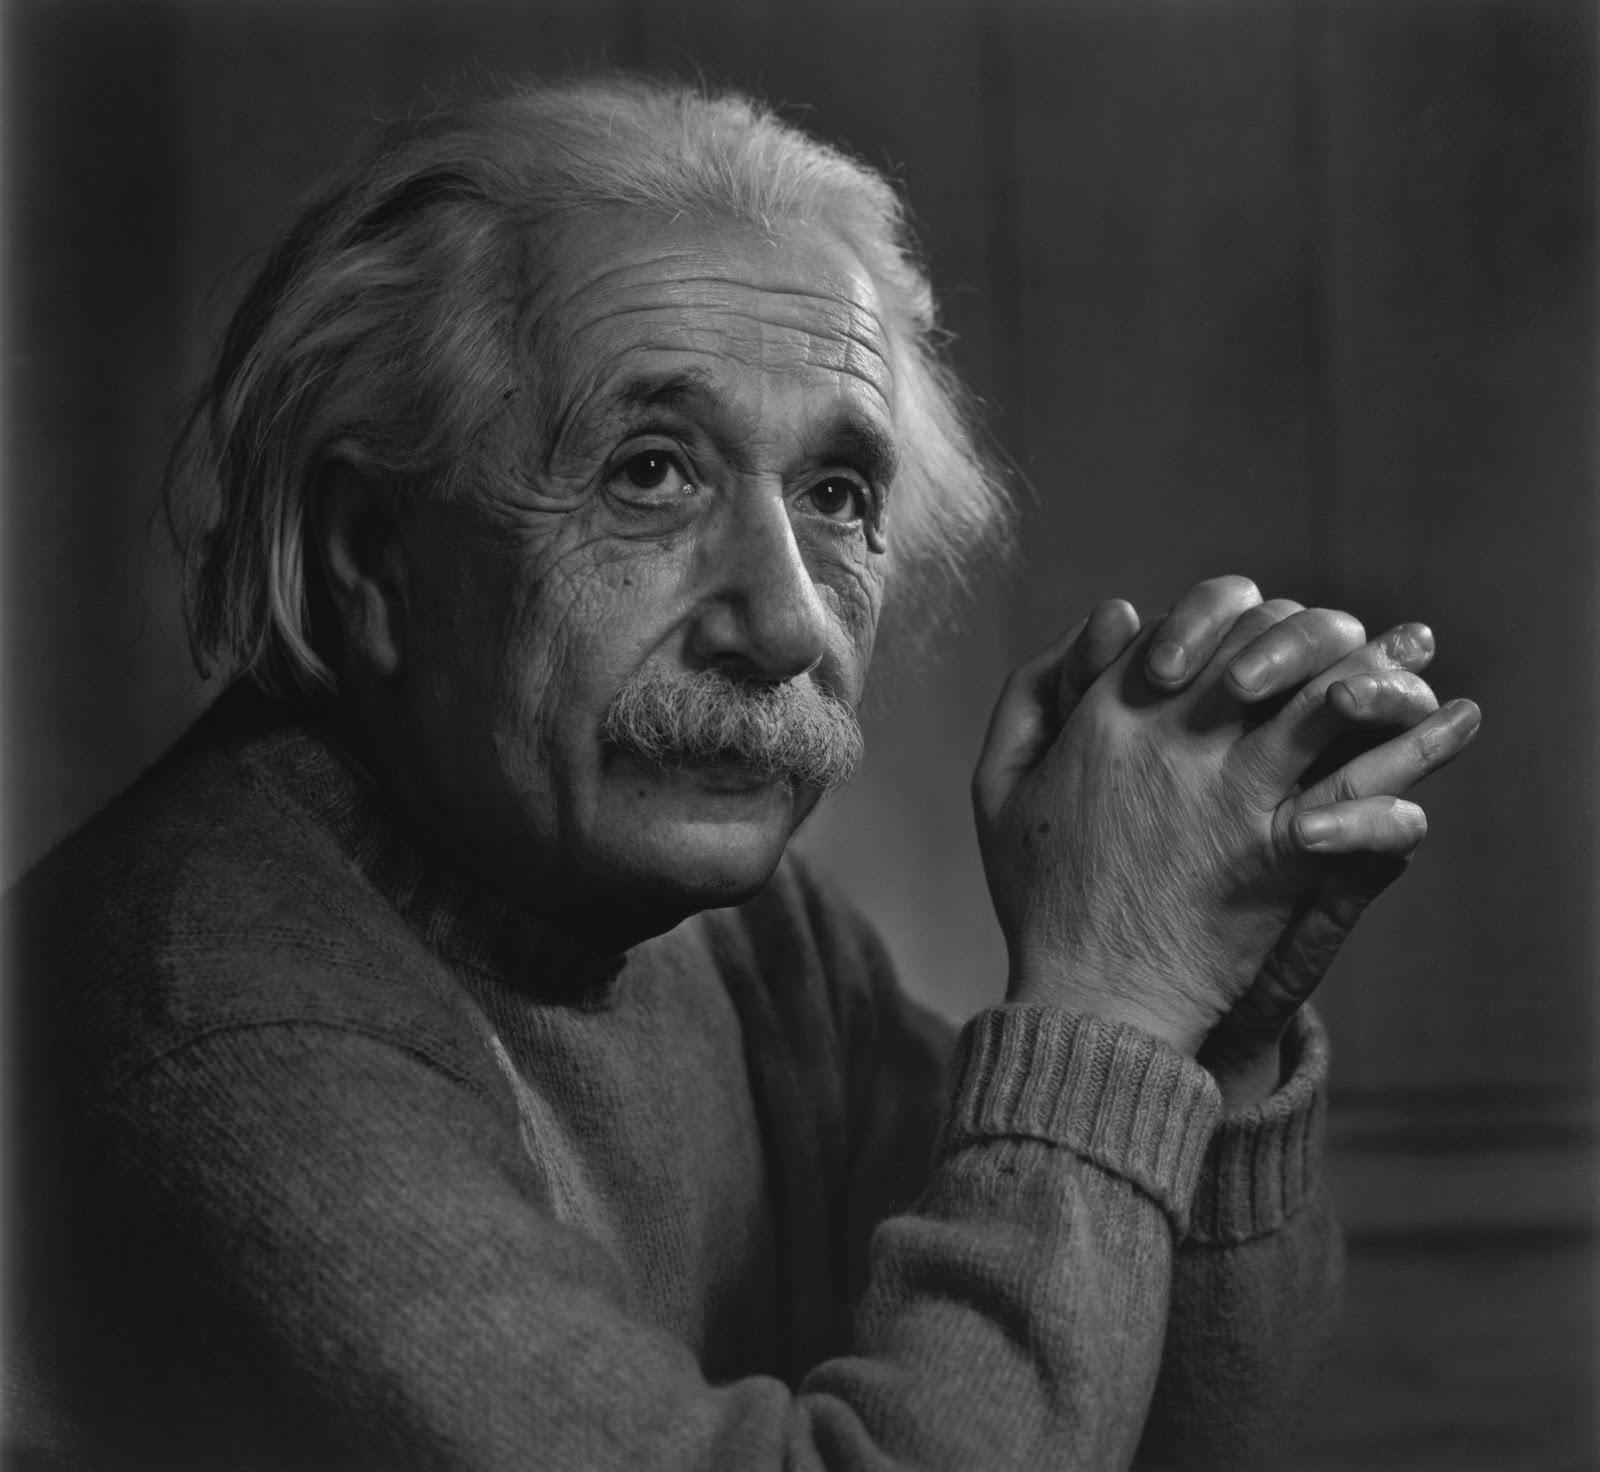 http://4.bp.blogspot.com/-CiaSBB6fx-A/UIw7s-Ko1_I/AAAAAAAAGxA/9QmVaFRxgg0/s1600/Albert+Einstein+Clasic+Pict.jpg